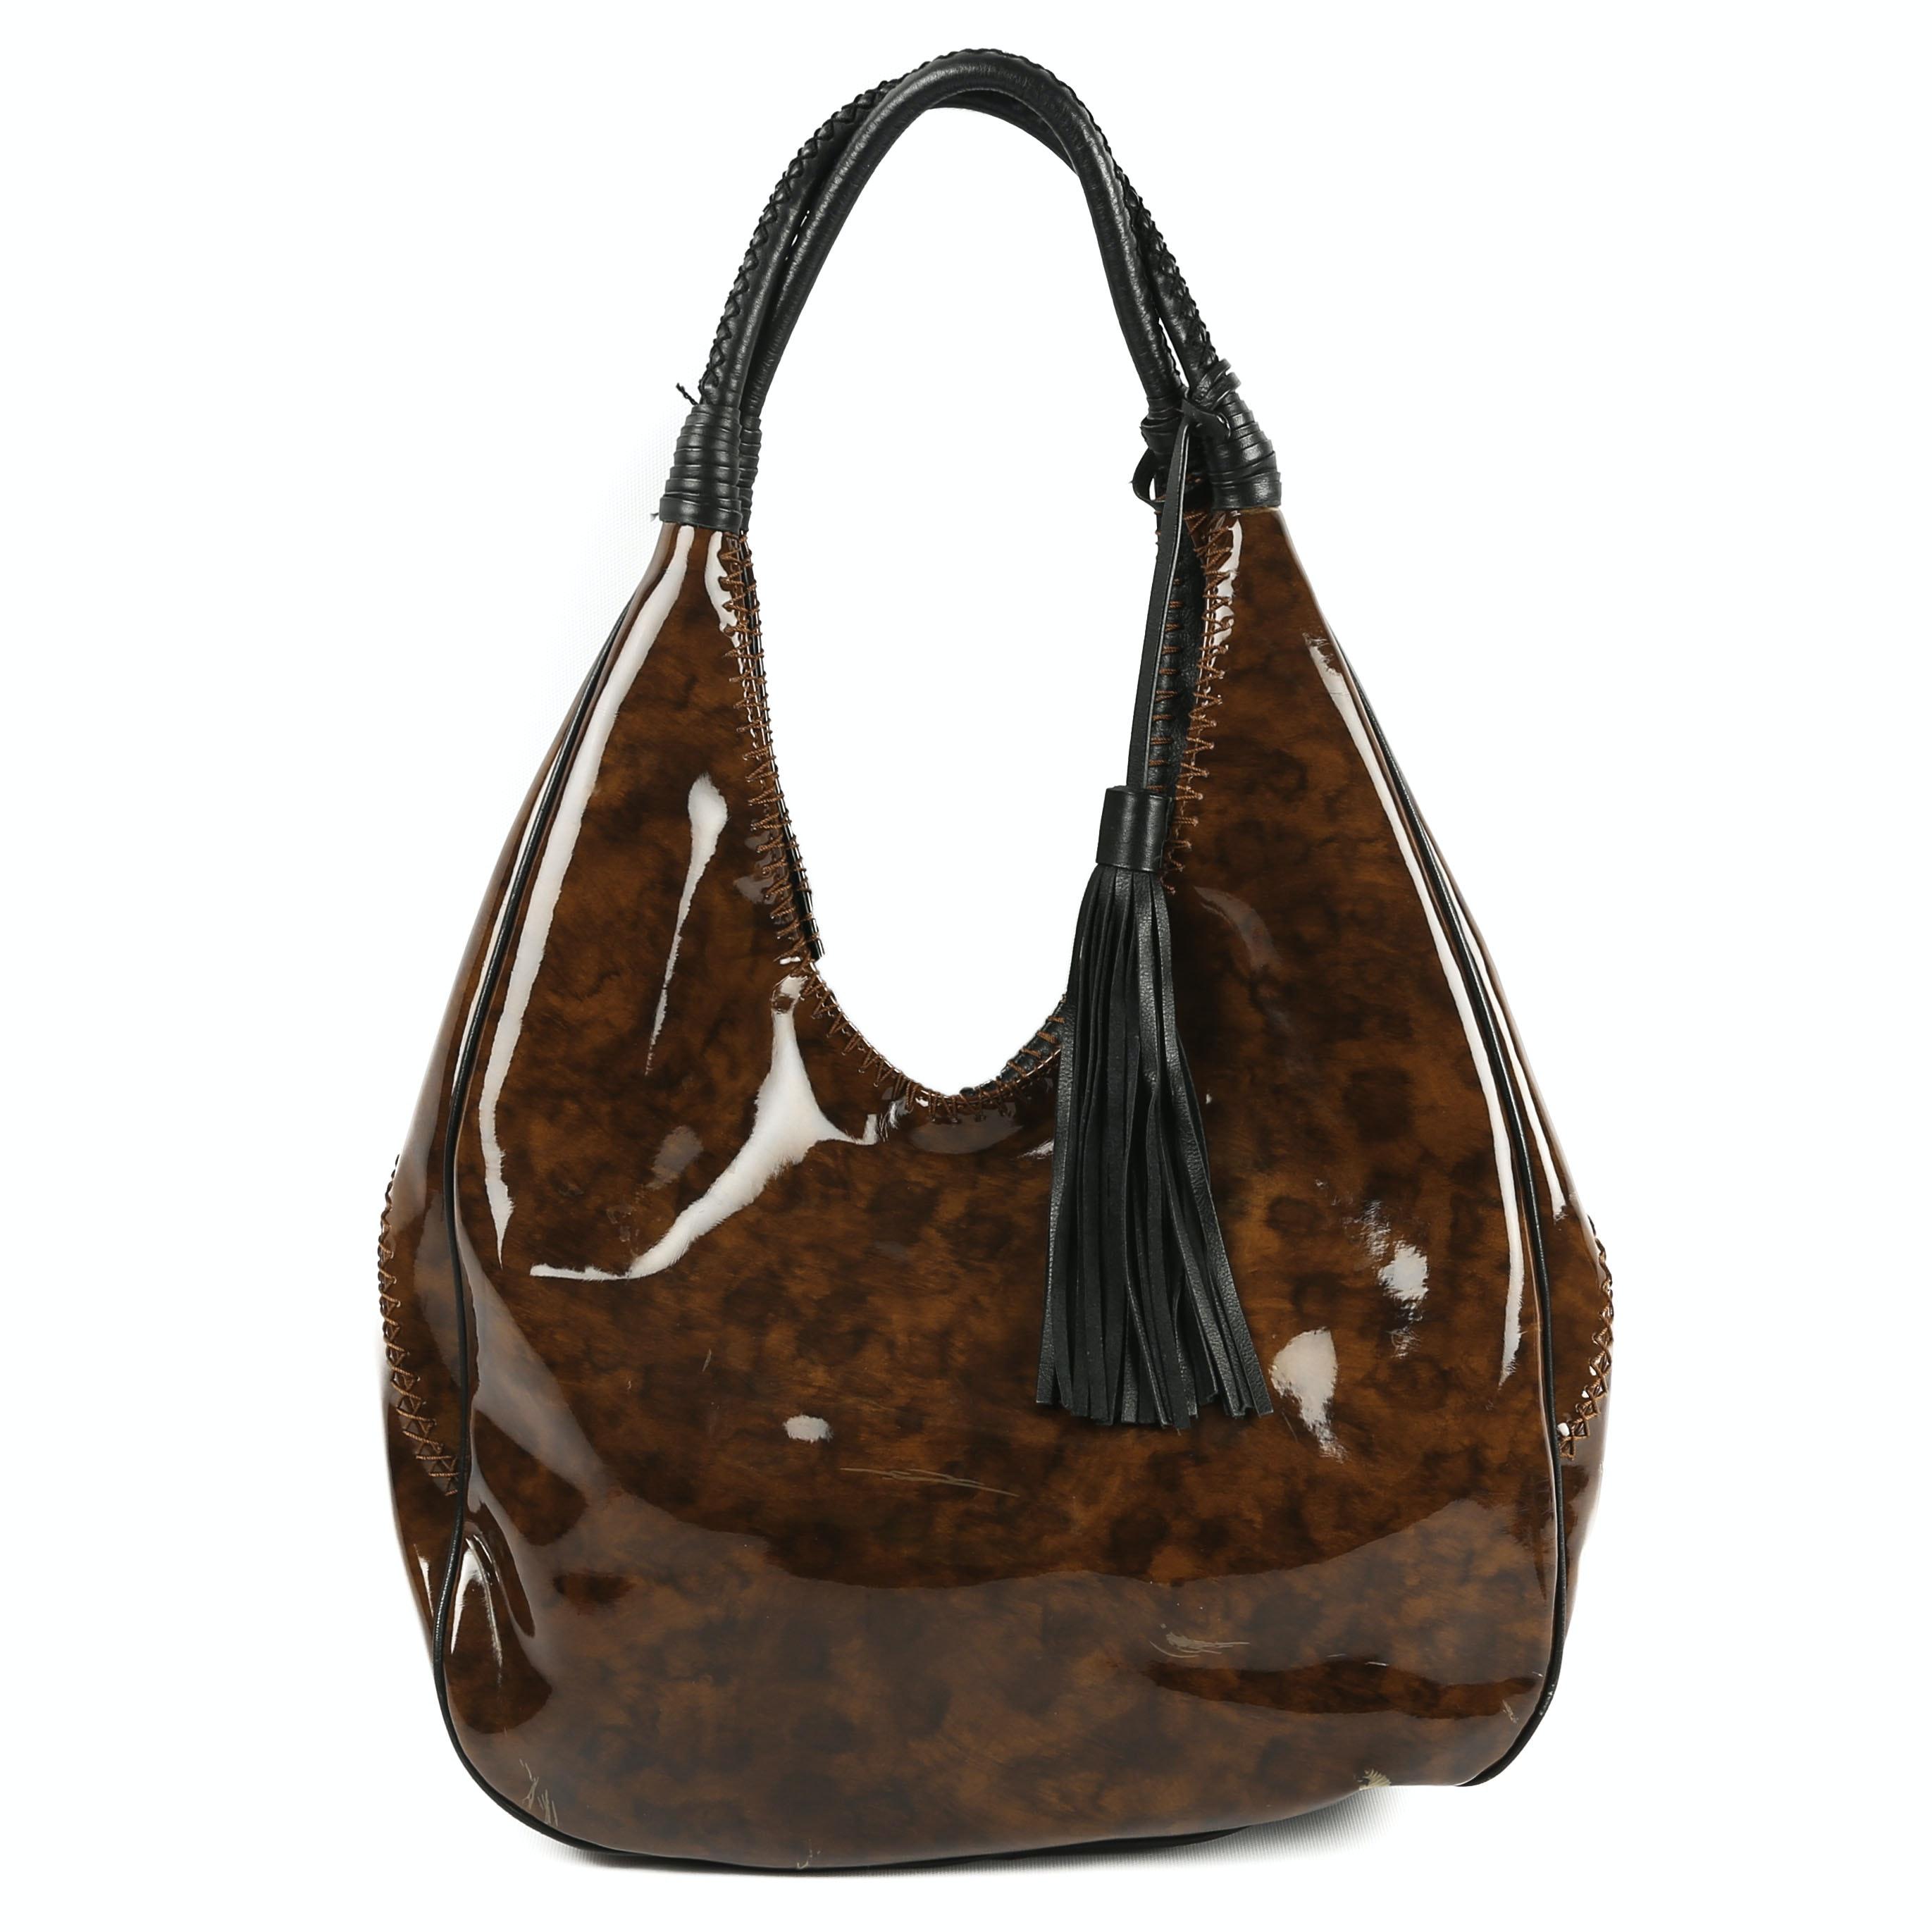 Donald J Pilner Patent Leather Hobo Shoulder Bag